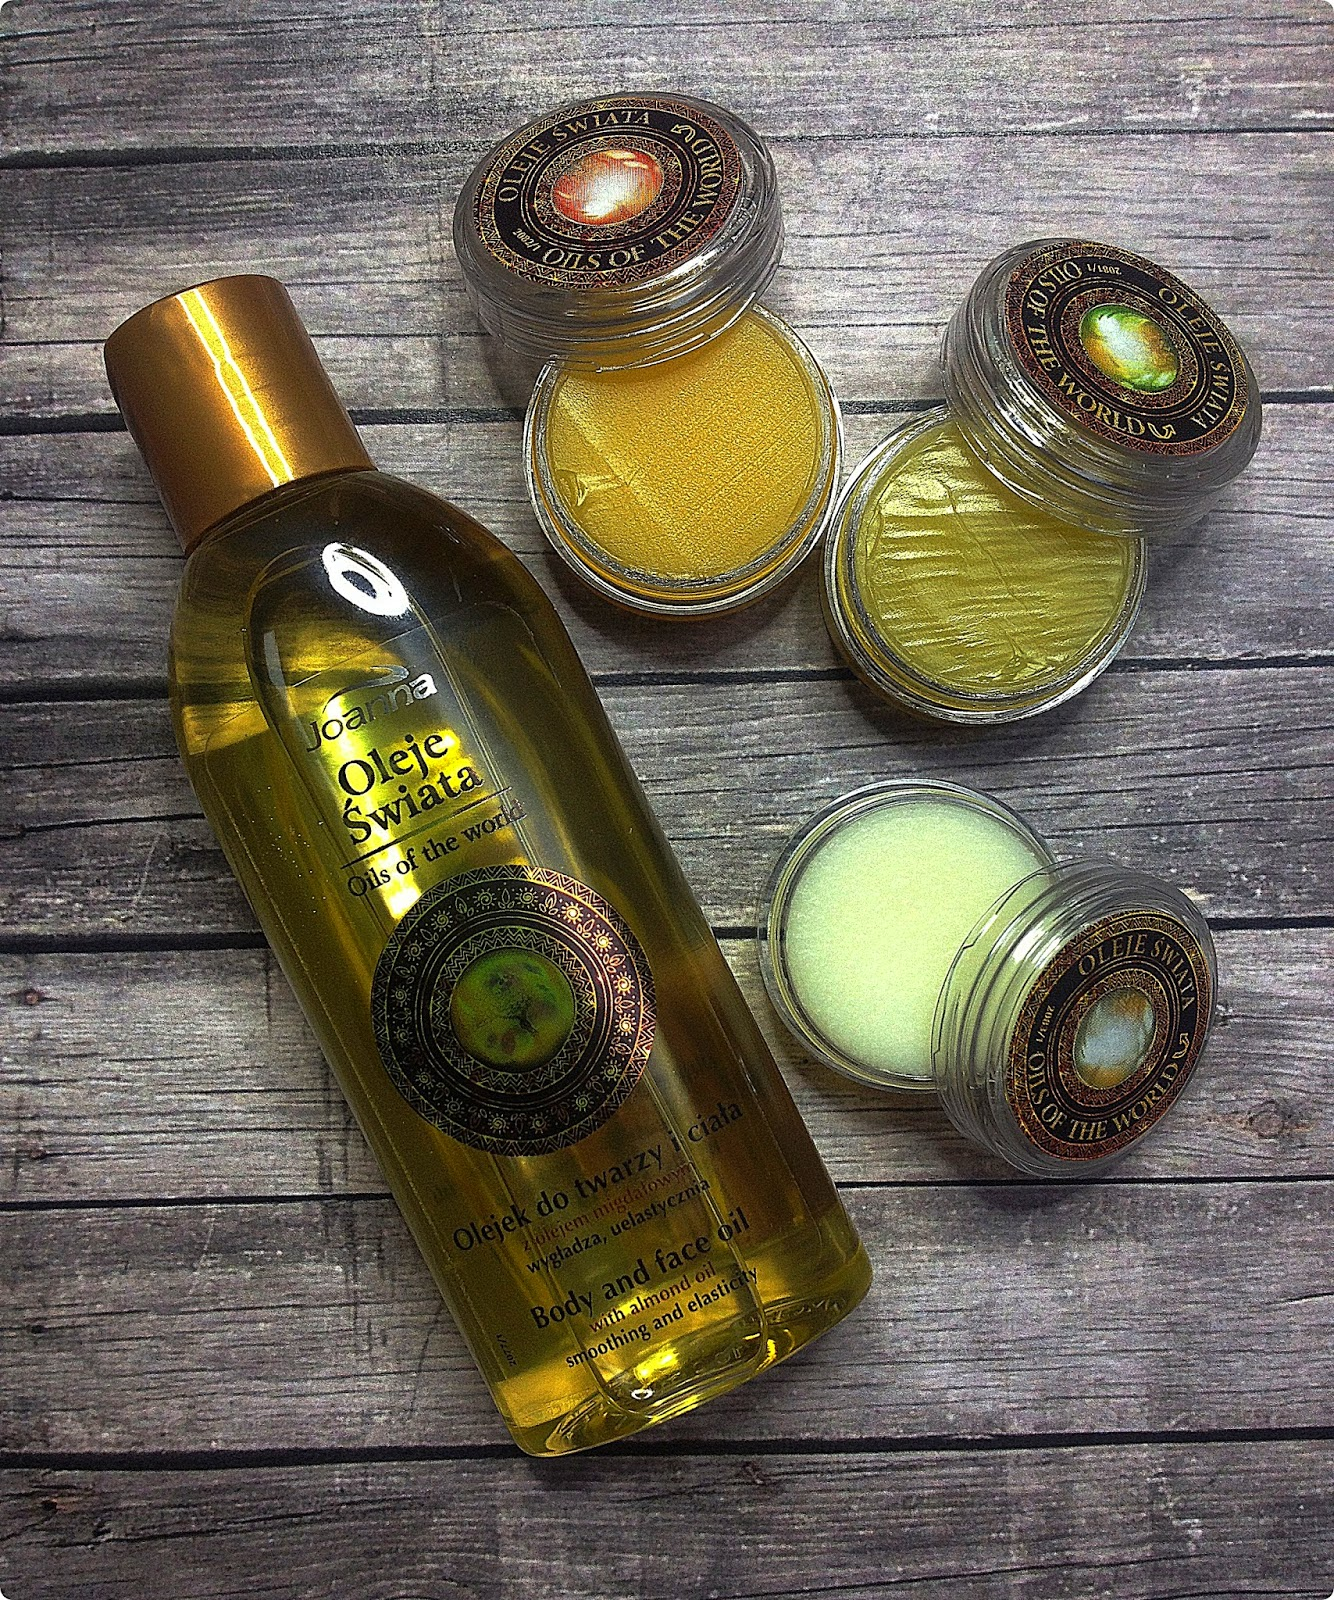 Oleje świata: olejek do ciała i twarzy z olejem migdałowym oraz balsamy do suchych miejsc 3 w 1, Joanna